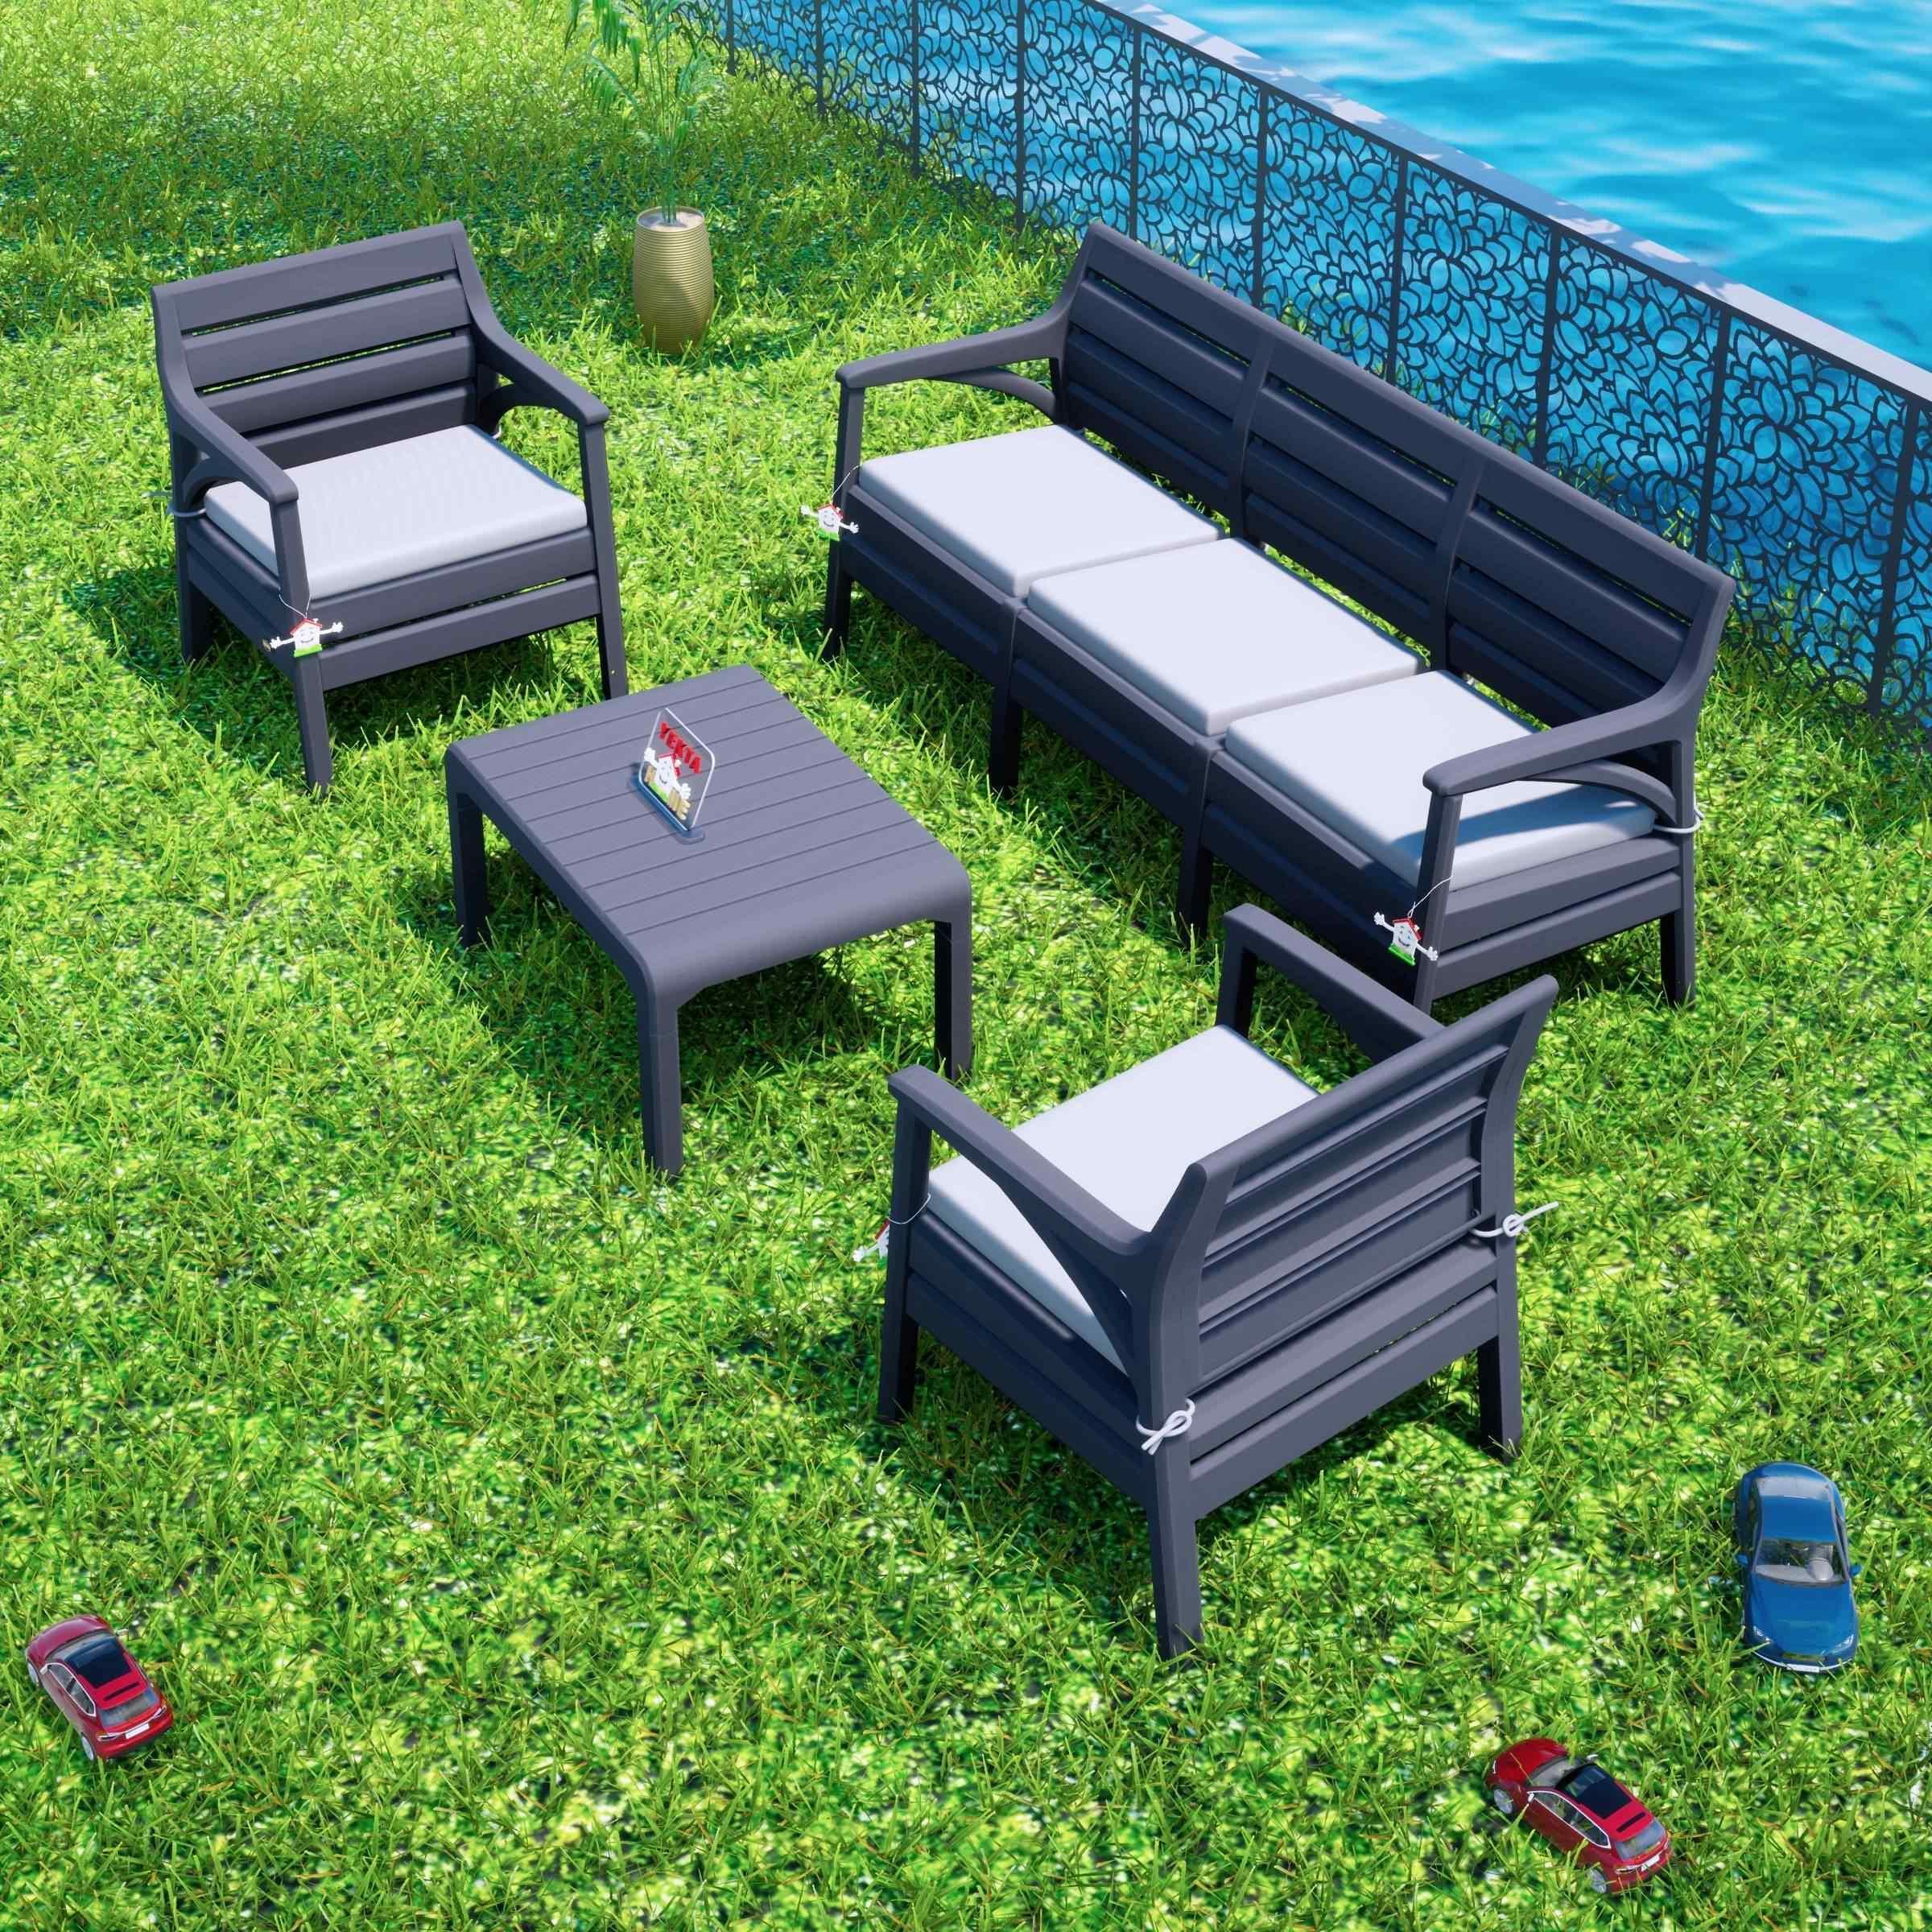 Holiday Hawai Oturma Grubu Bahçe Ve Balkon Koltuk Takımı Antrasit